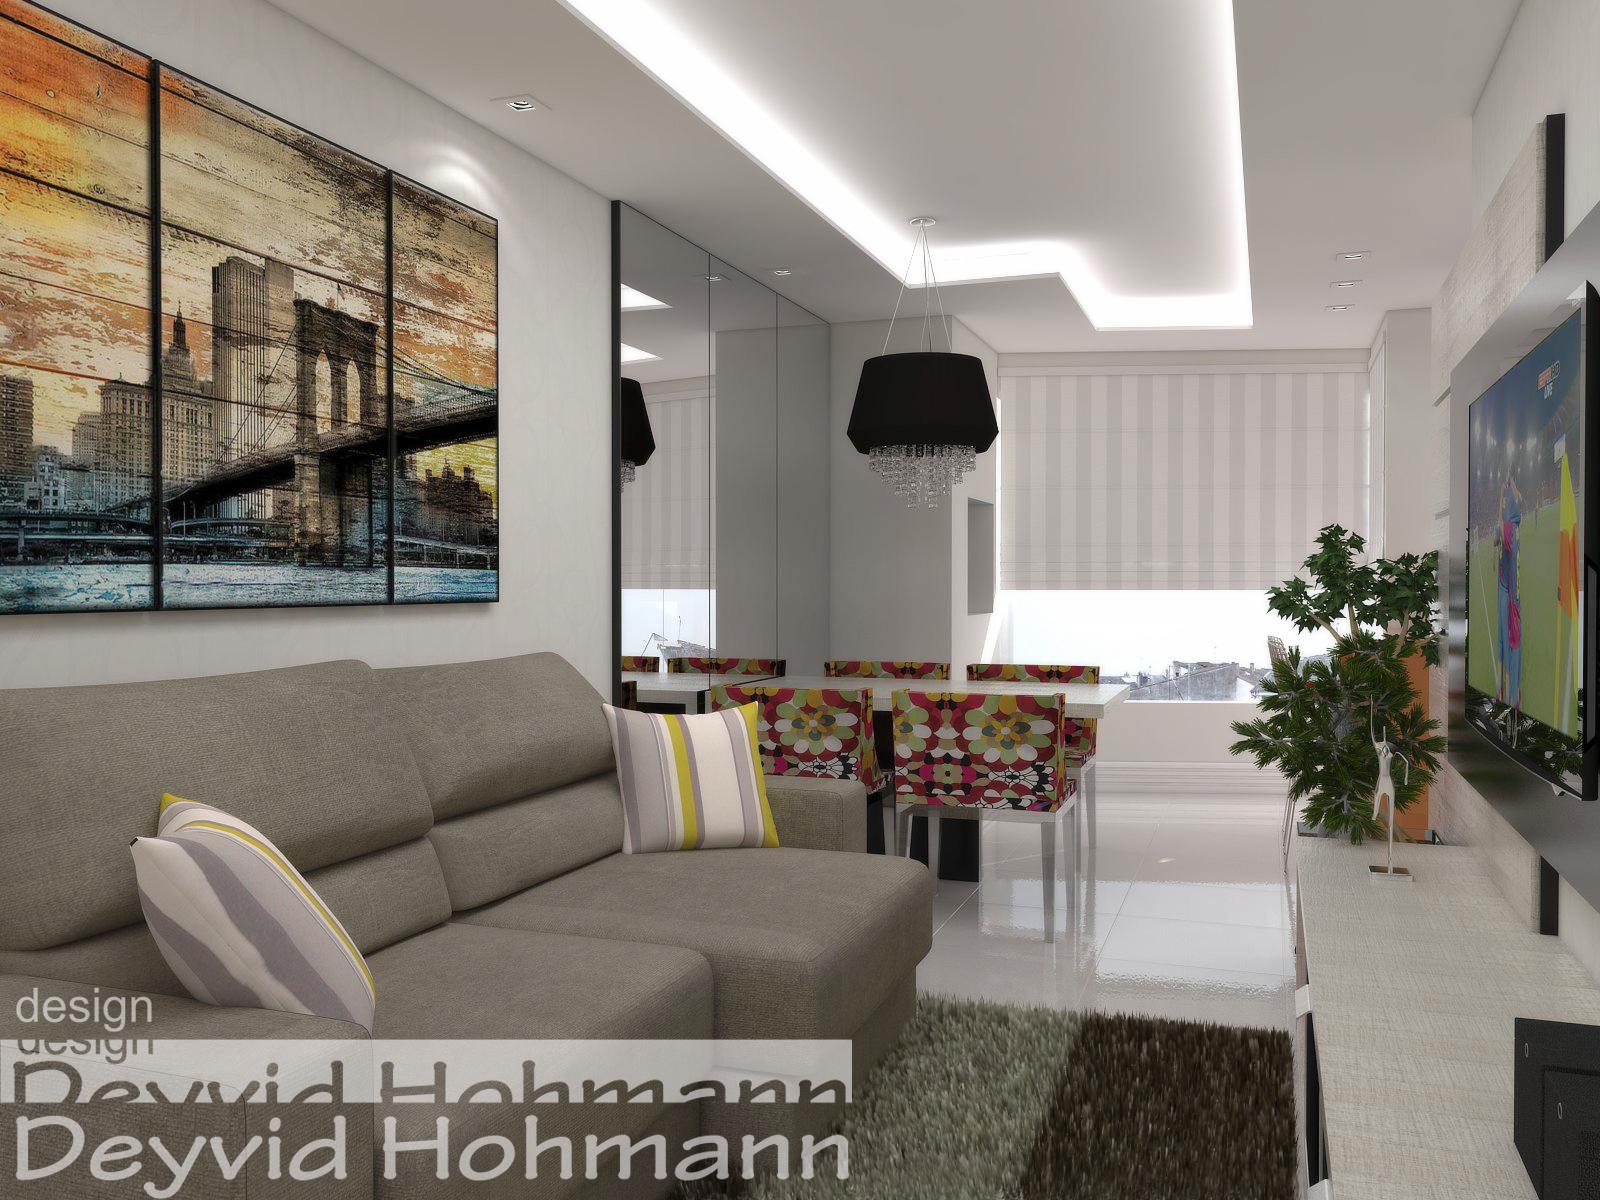 Deyvid Hohmann: Ambiente conjugado sala cozinha e lavanderia #966C35 1600 1200